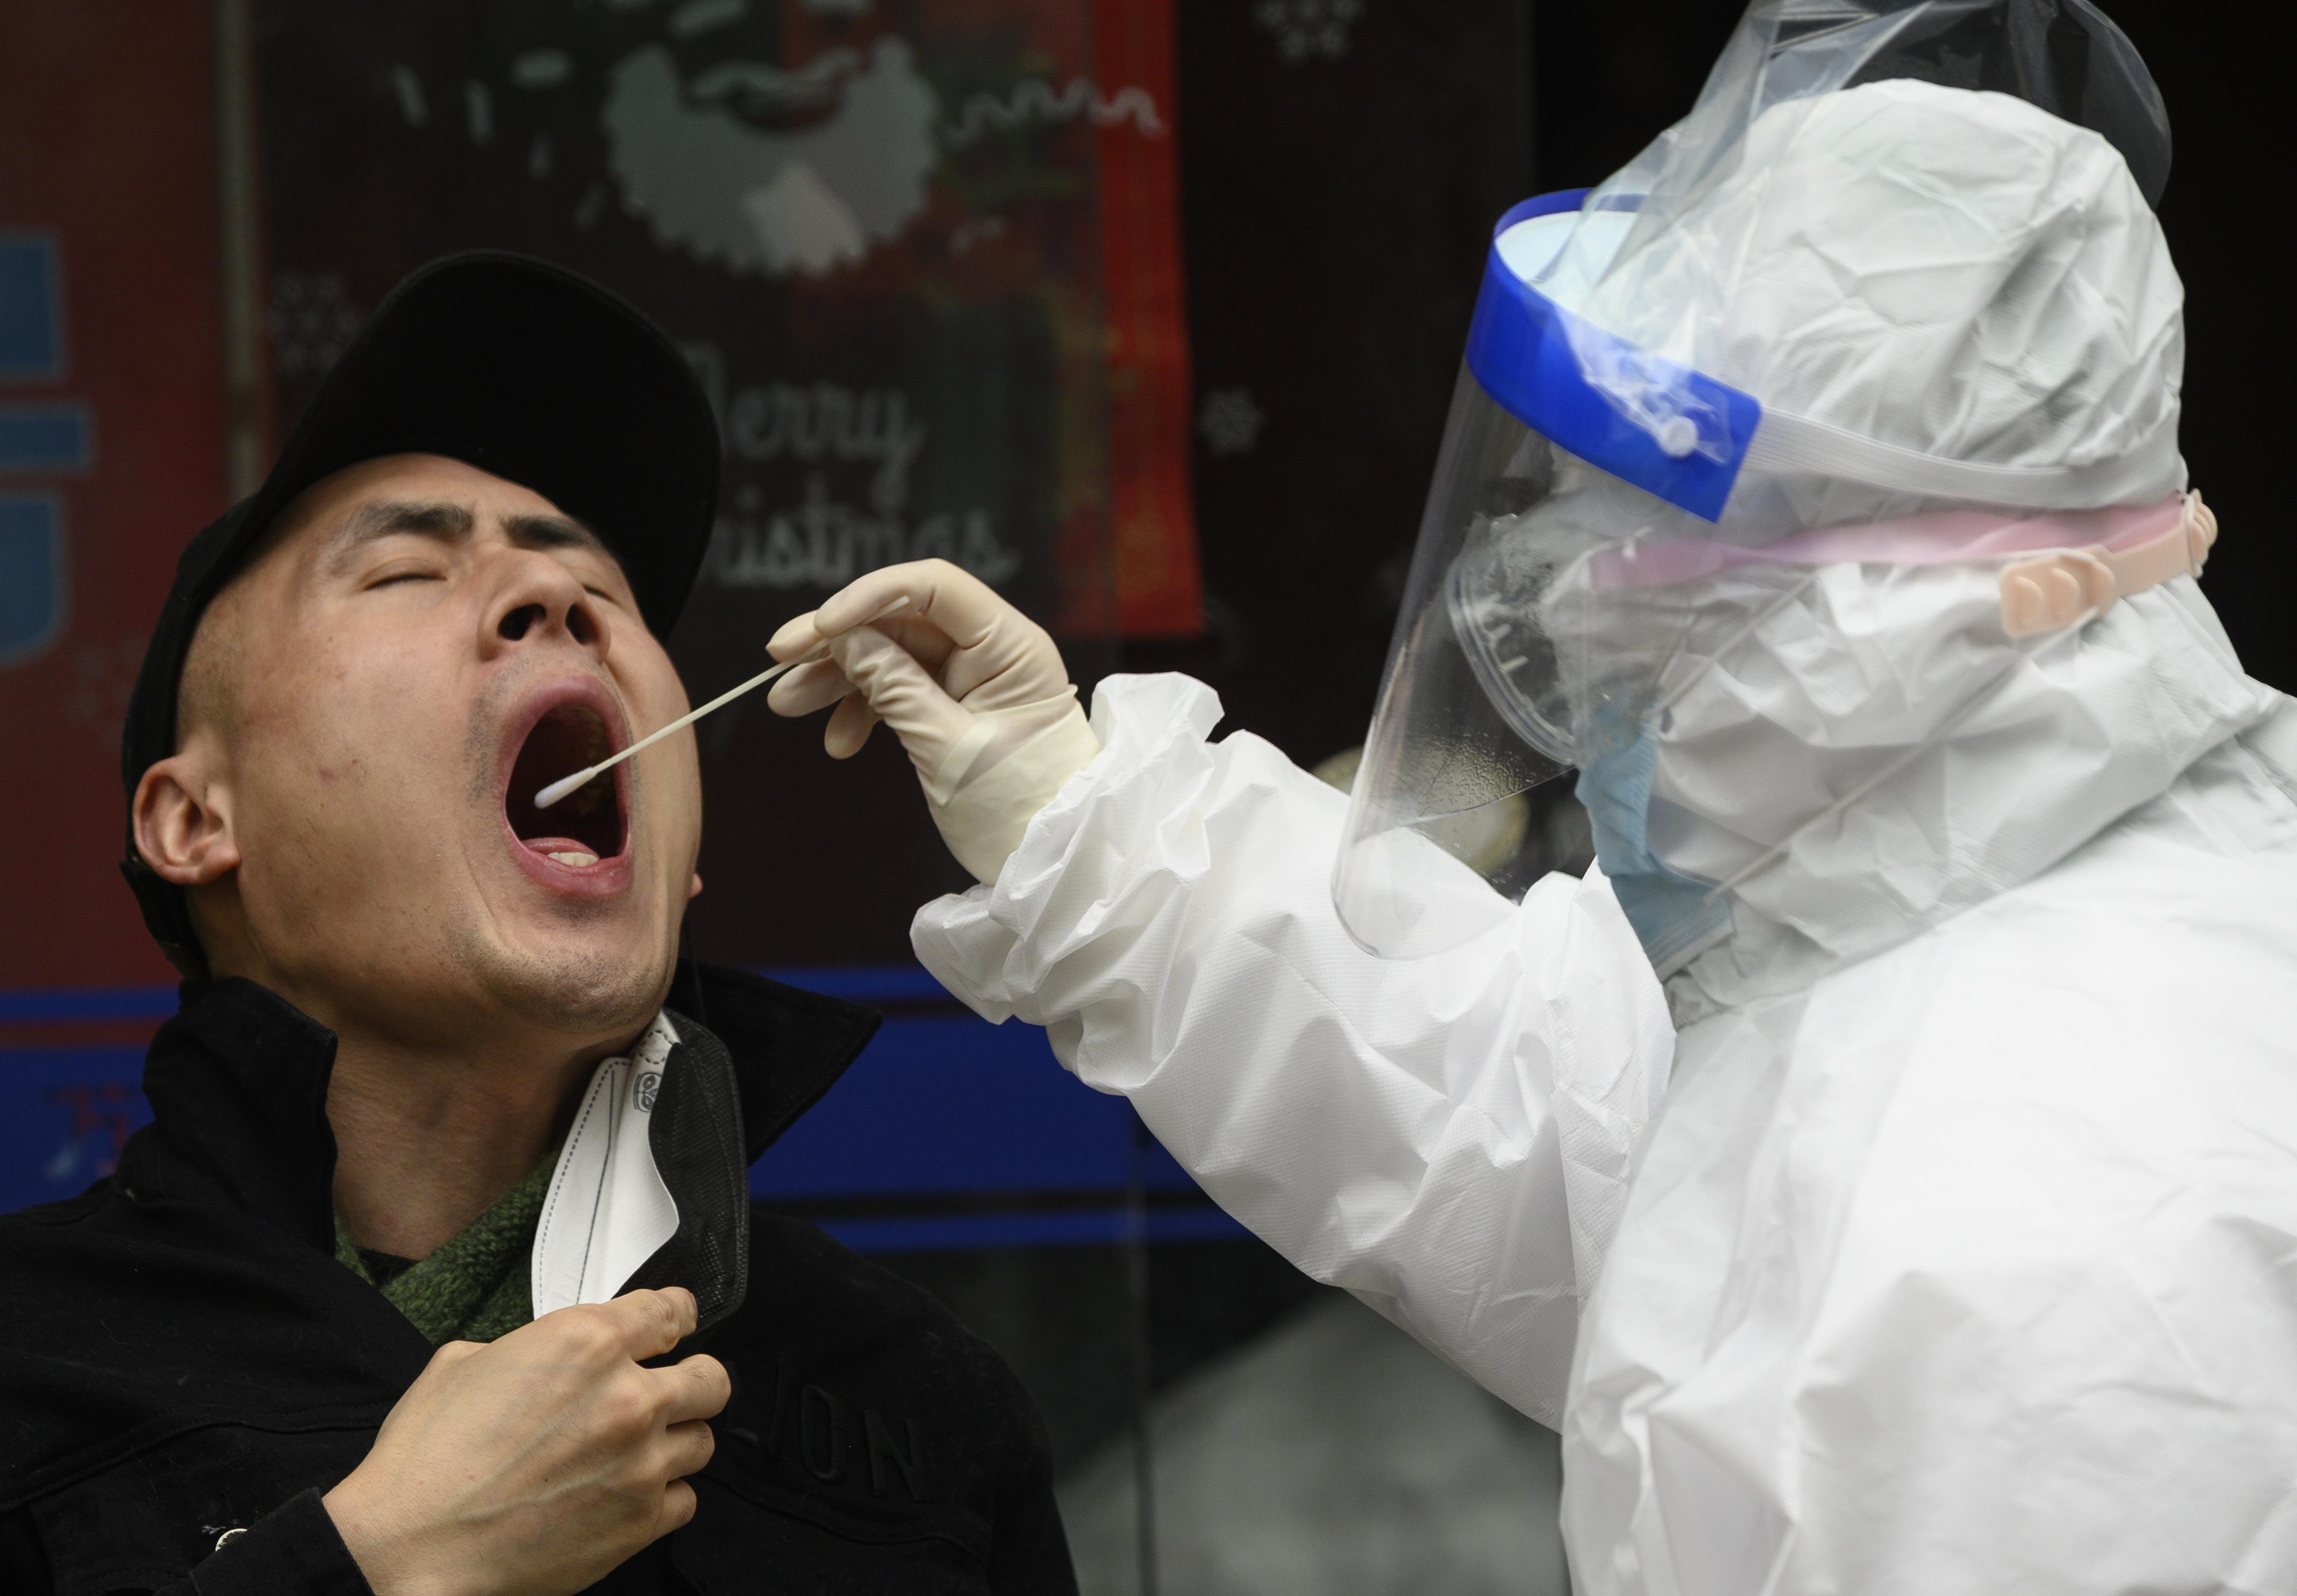 Kína eltitkolta a világ elől a járvány valódi méretét, állítja az amerikai hírszerzés